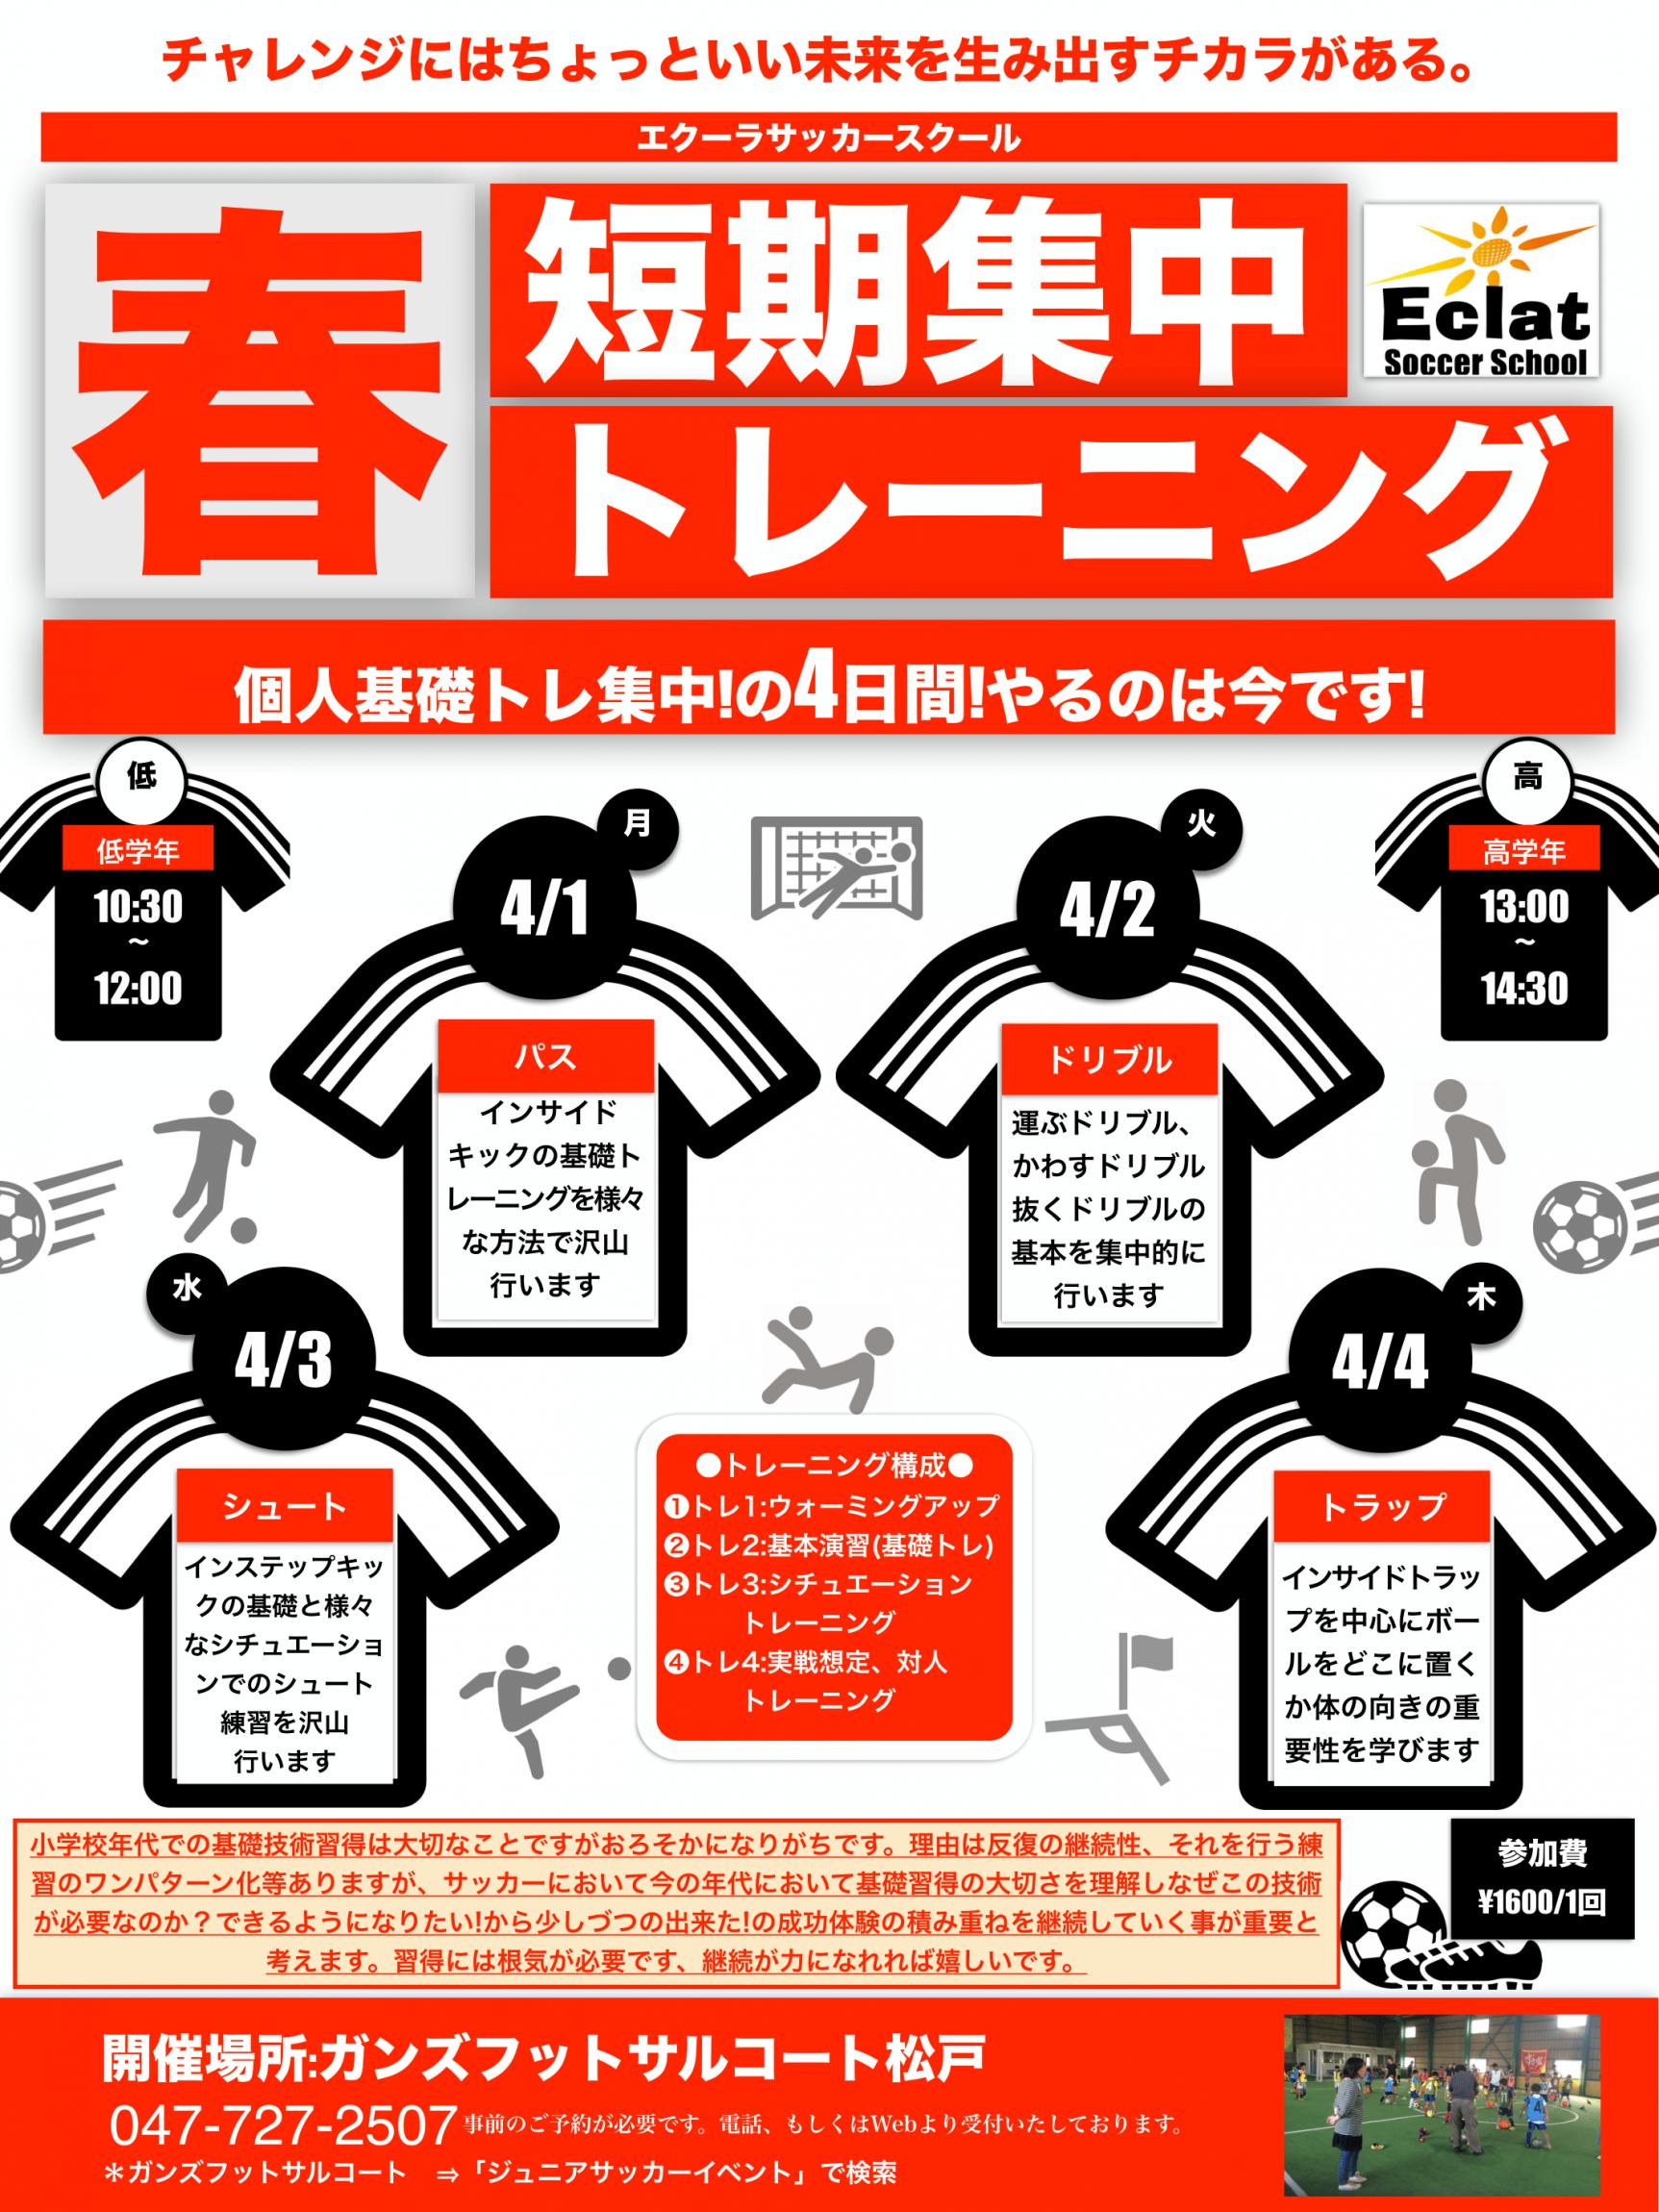 春の短期集中トレーニング開催 4/1~4/4